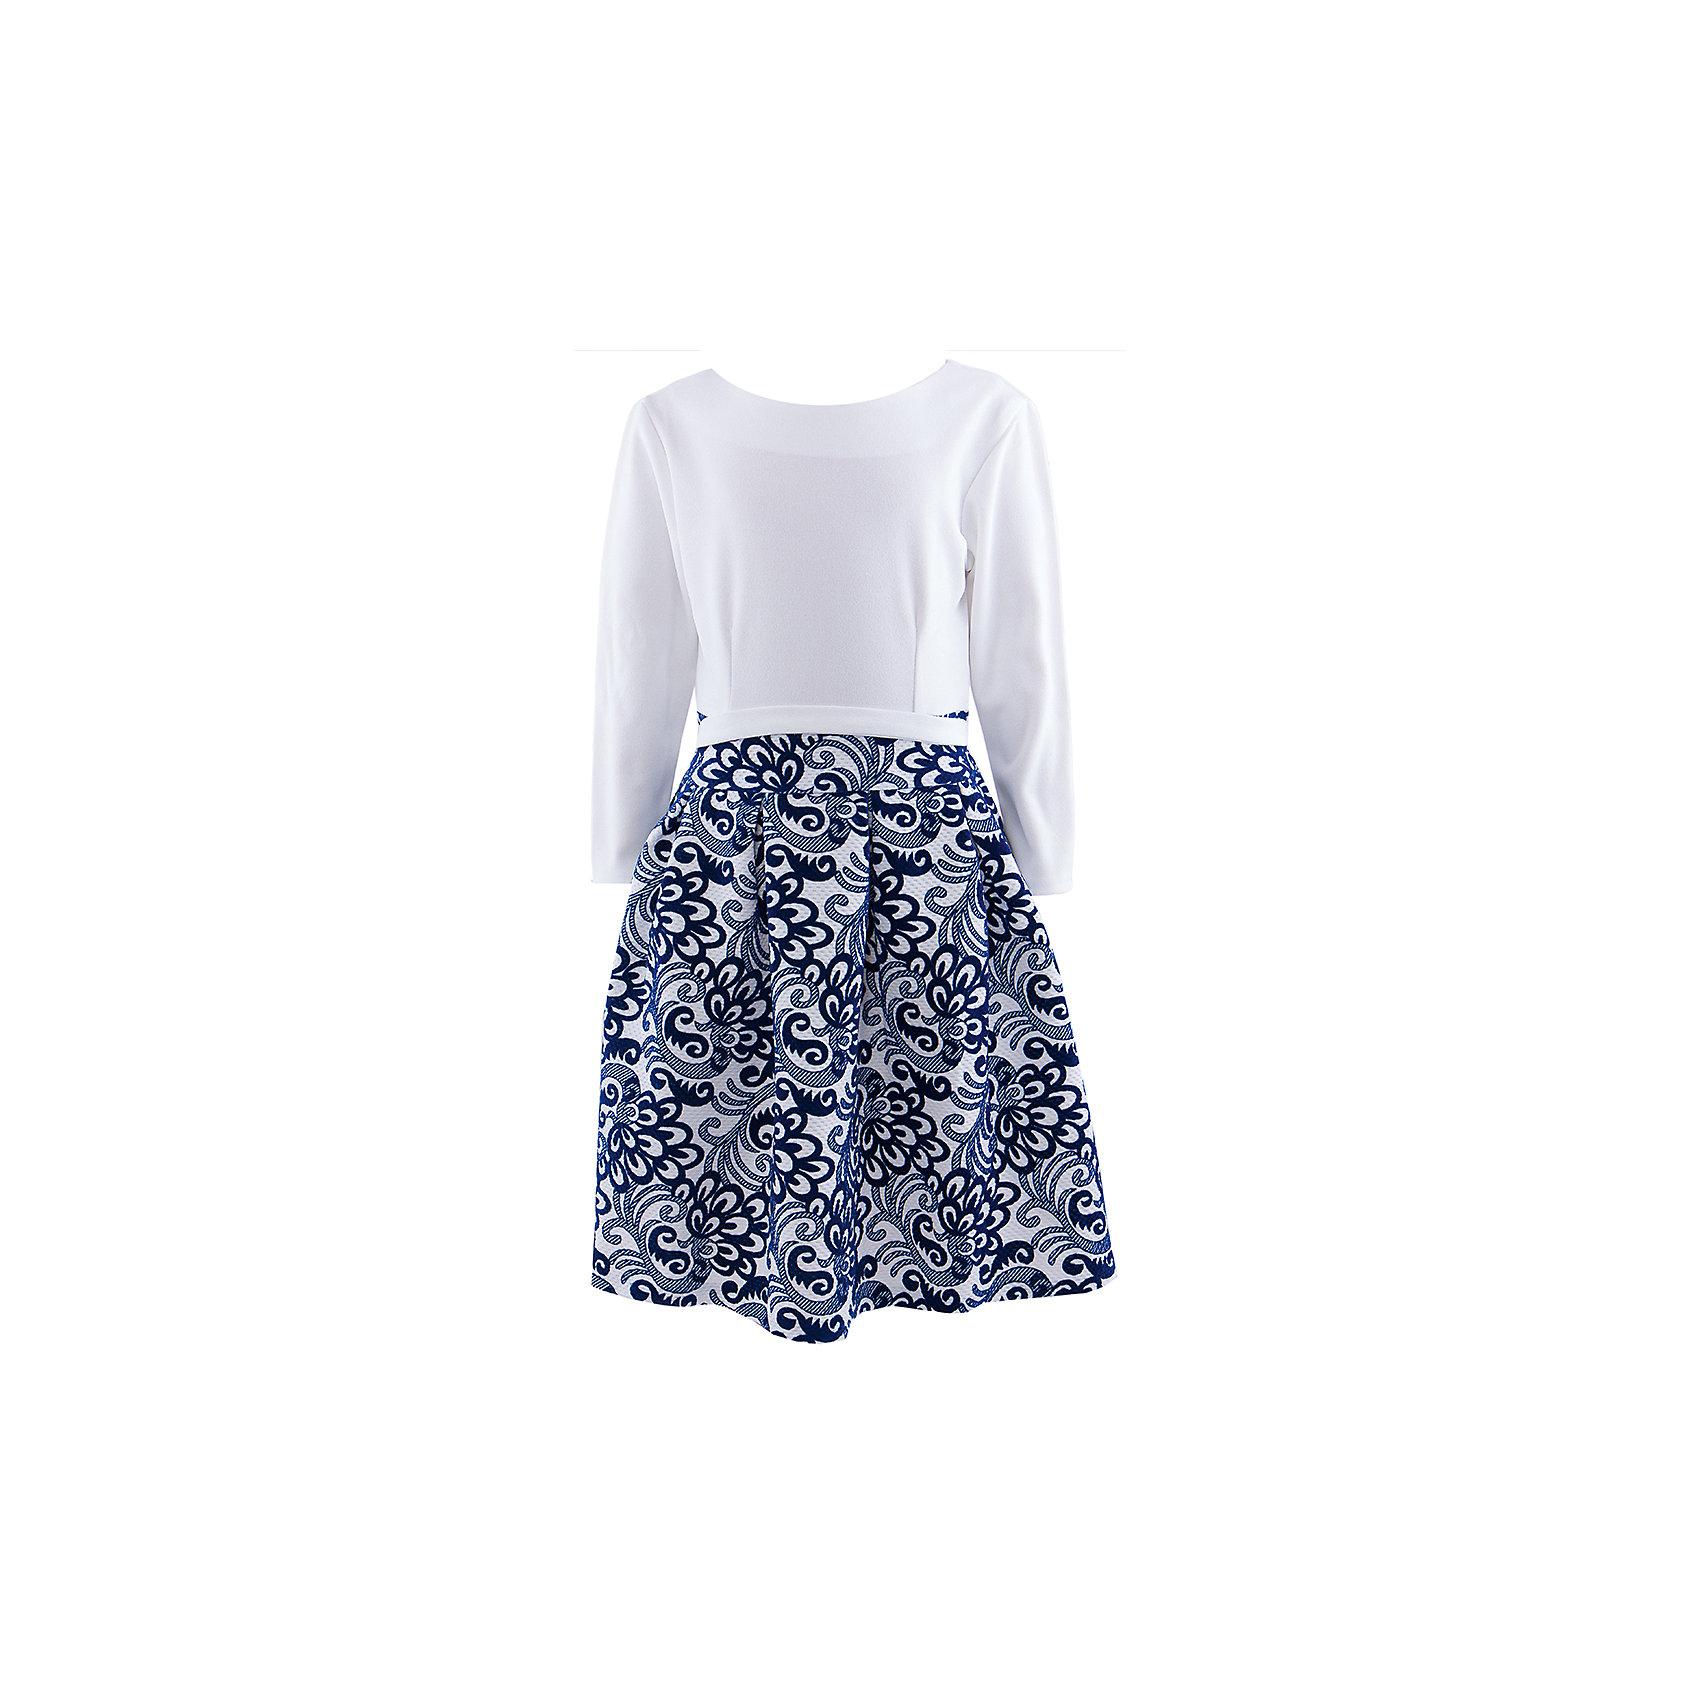 Нарядное платье ВенераПлатье для девочки. Длинный рукав, трикотажный верх, пышная жаккардовая юбка, пояс. Застежка молния.<br><br>Ширина мм: 236<br>Глубина мм: 16<br>Высота мм: 184<br>Вес г: 177<br>Цвет: белый<br>Возраст от месяцев: 72<br>Возраст до месяцев: 84<br>Пол: Женский<br>Возраст: Детский<br>Размер: 116/122,134/140,122/128,128/134<br>SKU: 4452512